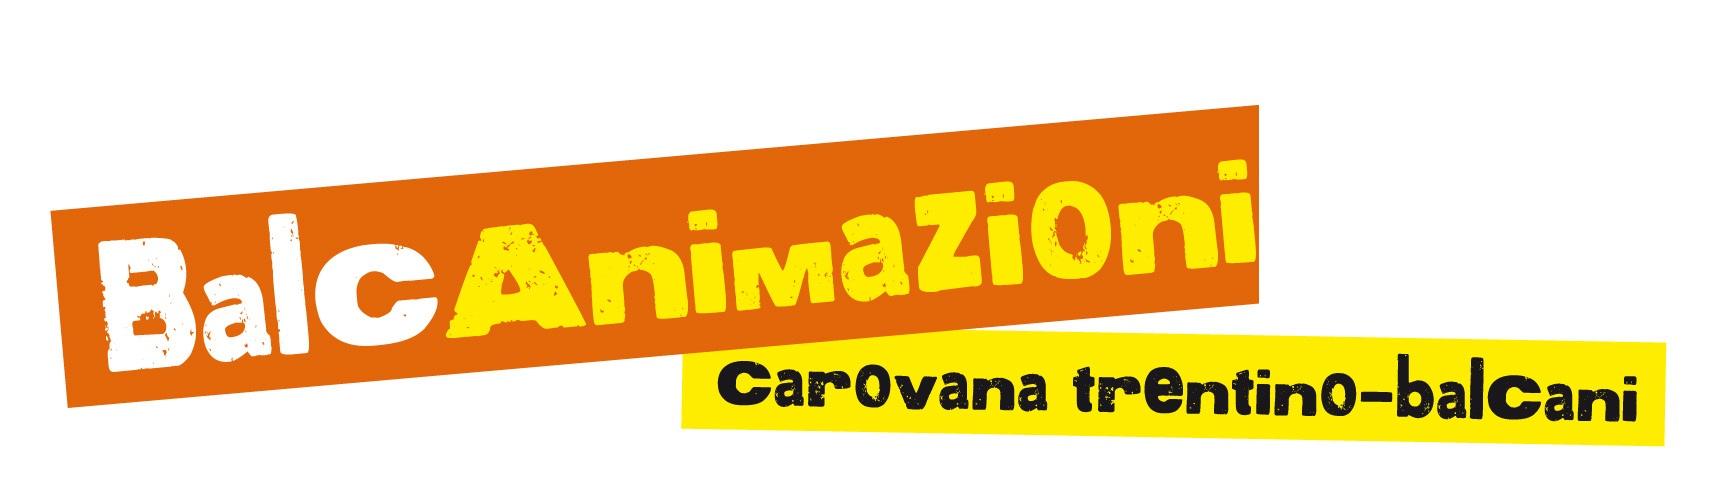 logoBALCANIMAZIONE_ok2011